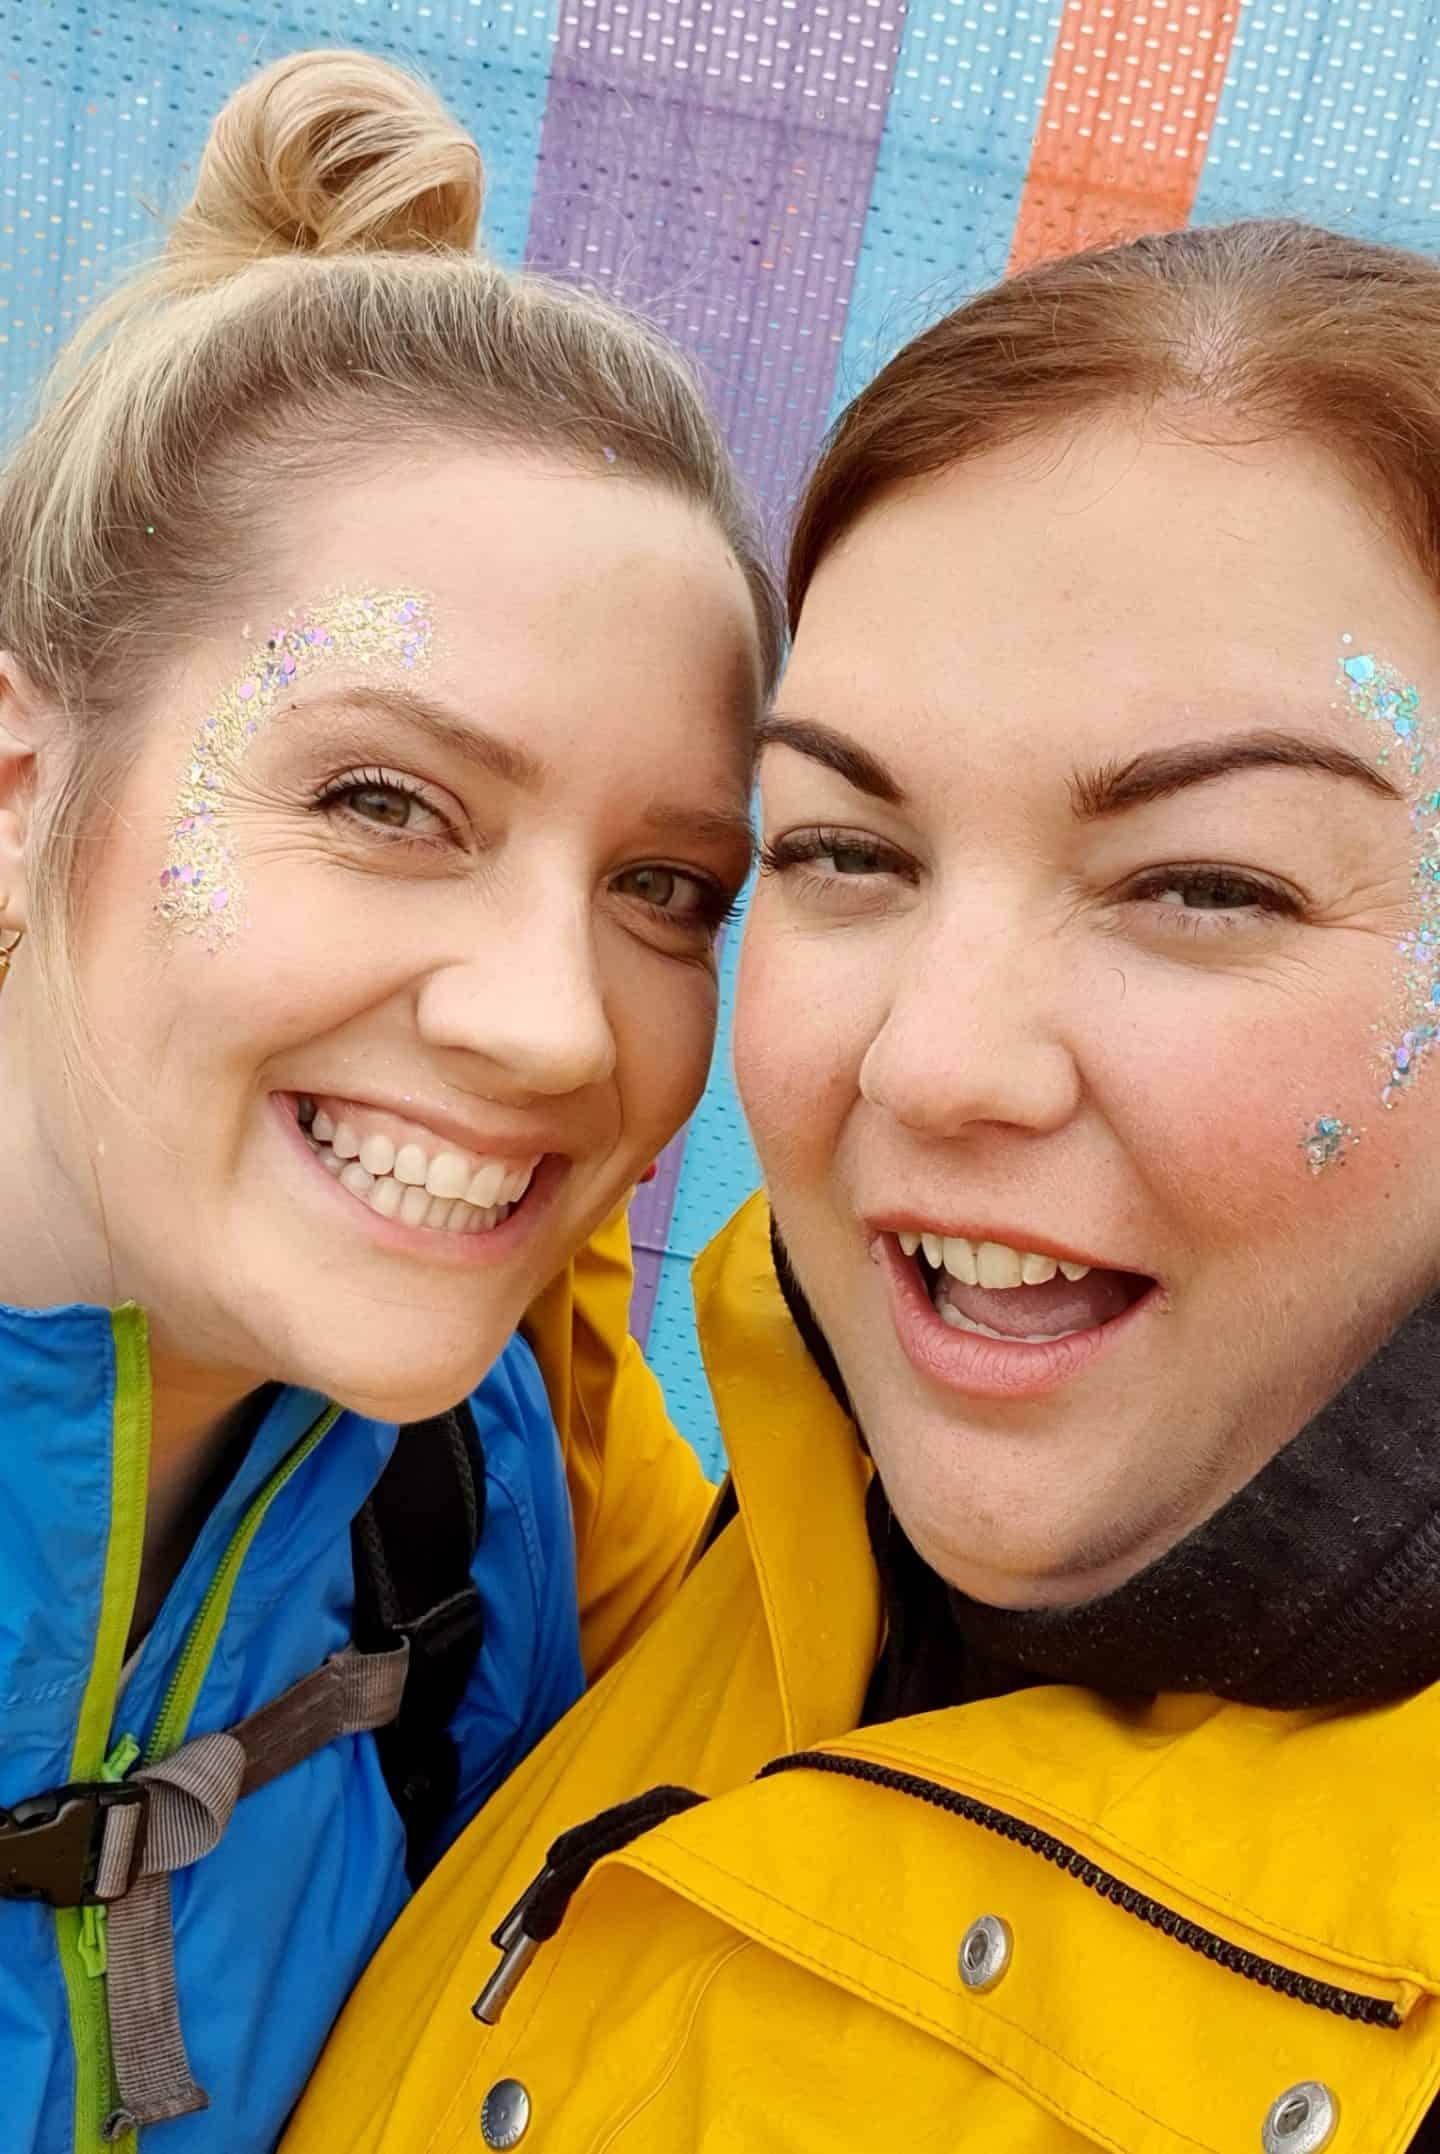 Best friends wearing festival glitter